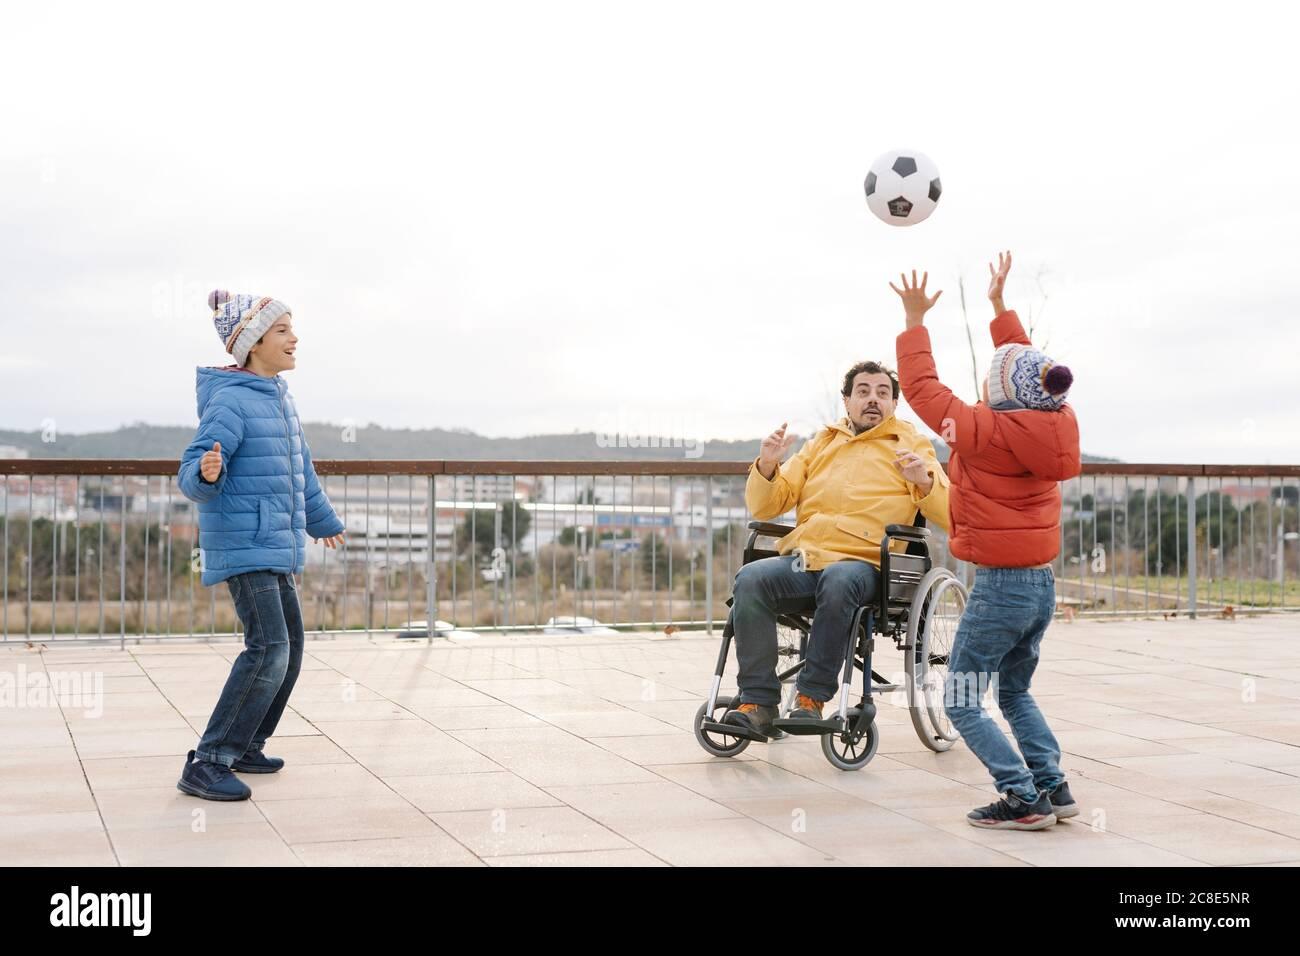 Uomo seduto su sedia a rotelle che lancia la palla verso i figli giocosi dentro parcheggio Foto Stock